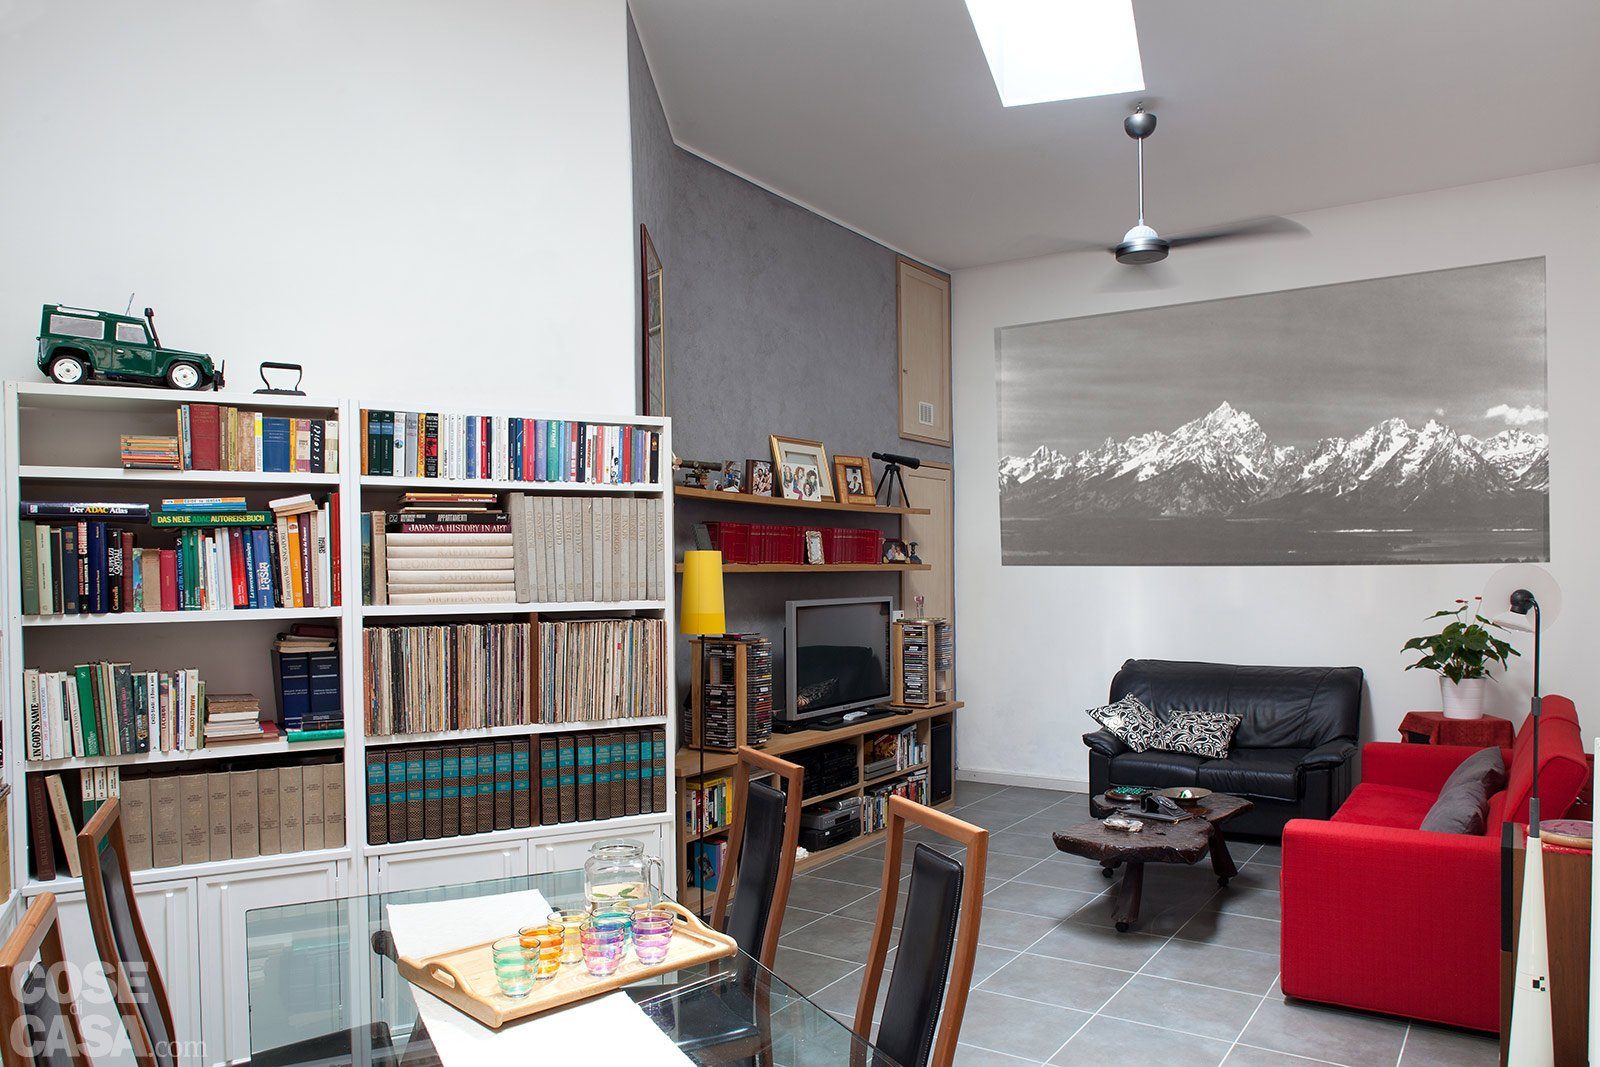 cartongesso cucina soggiorno ~ idee per il design della casa - Esempi Cartongesso Cucina Soggiorno